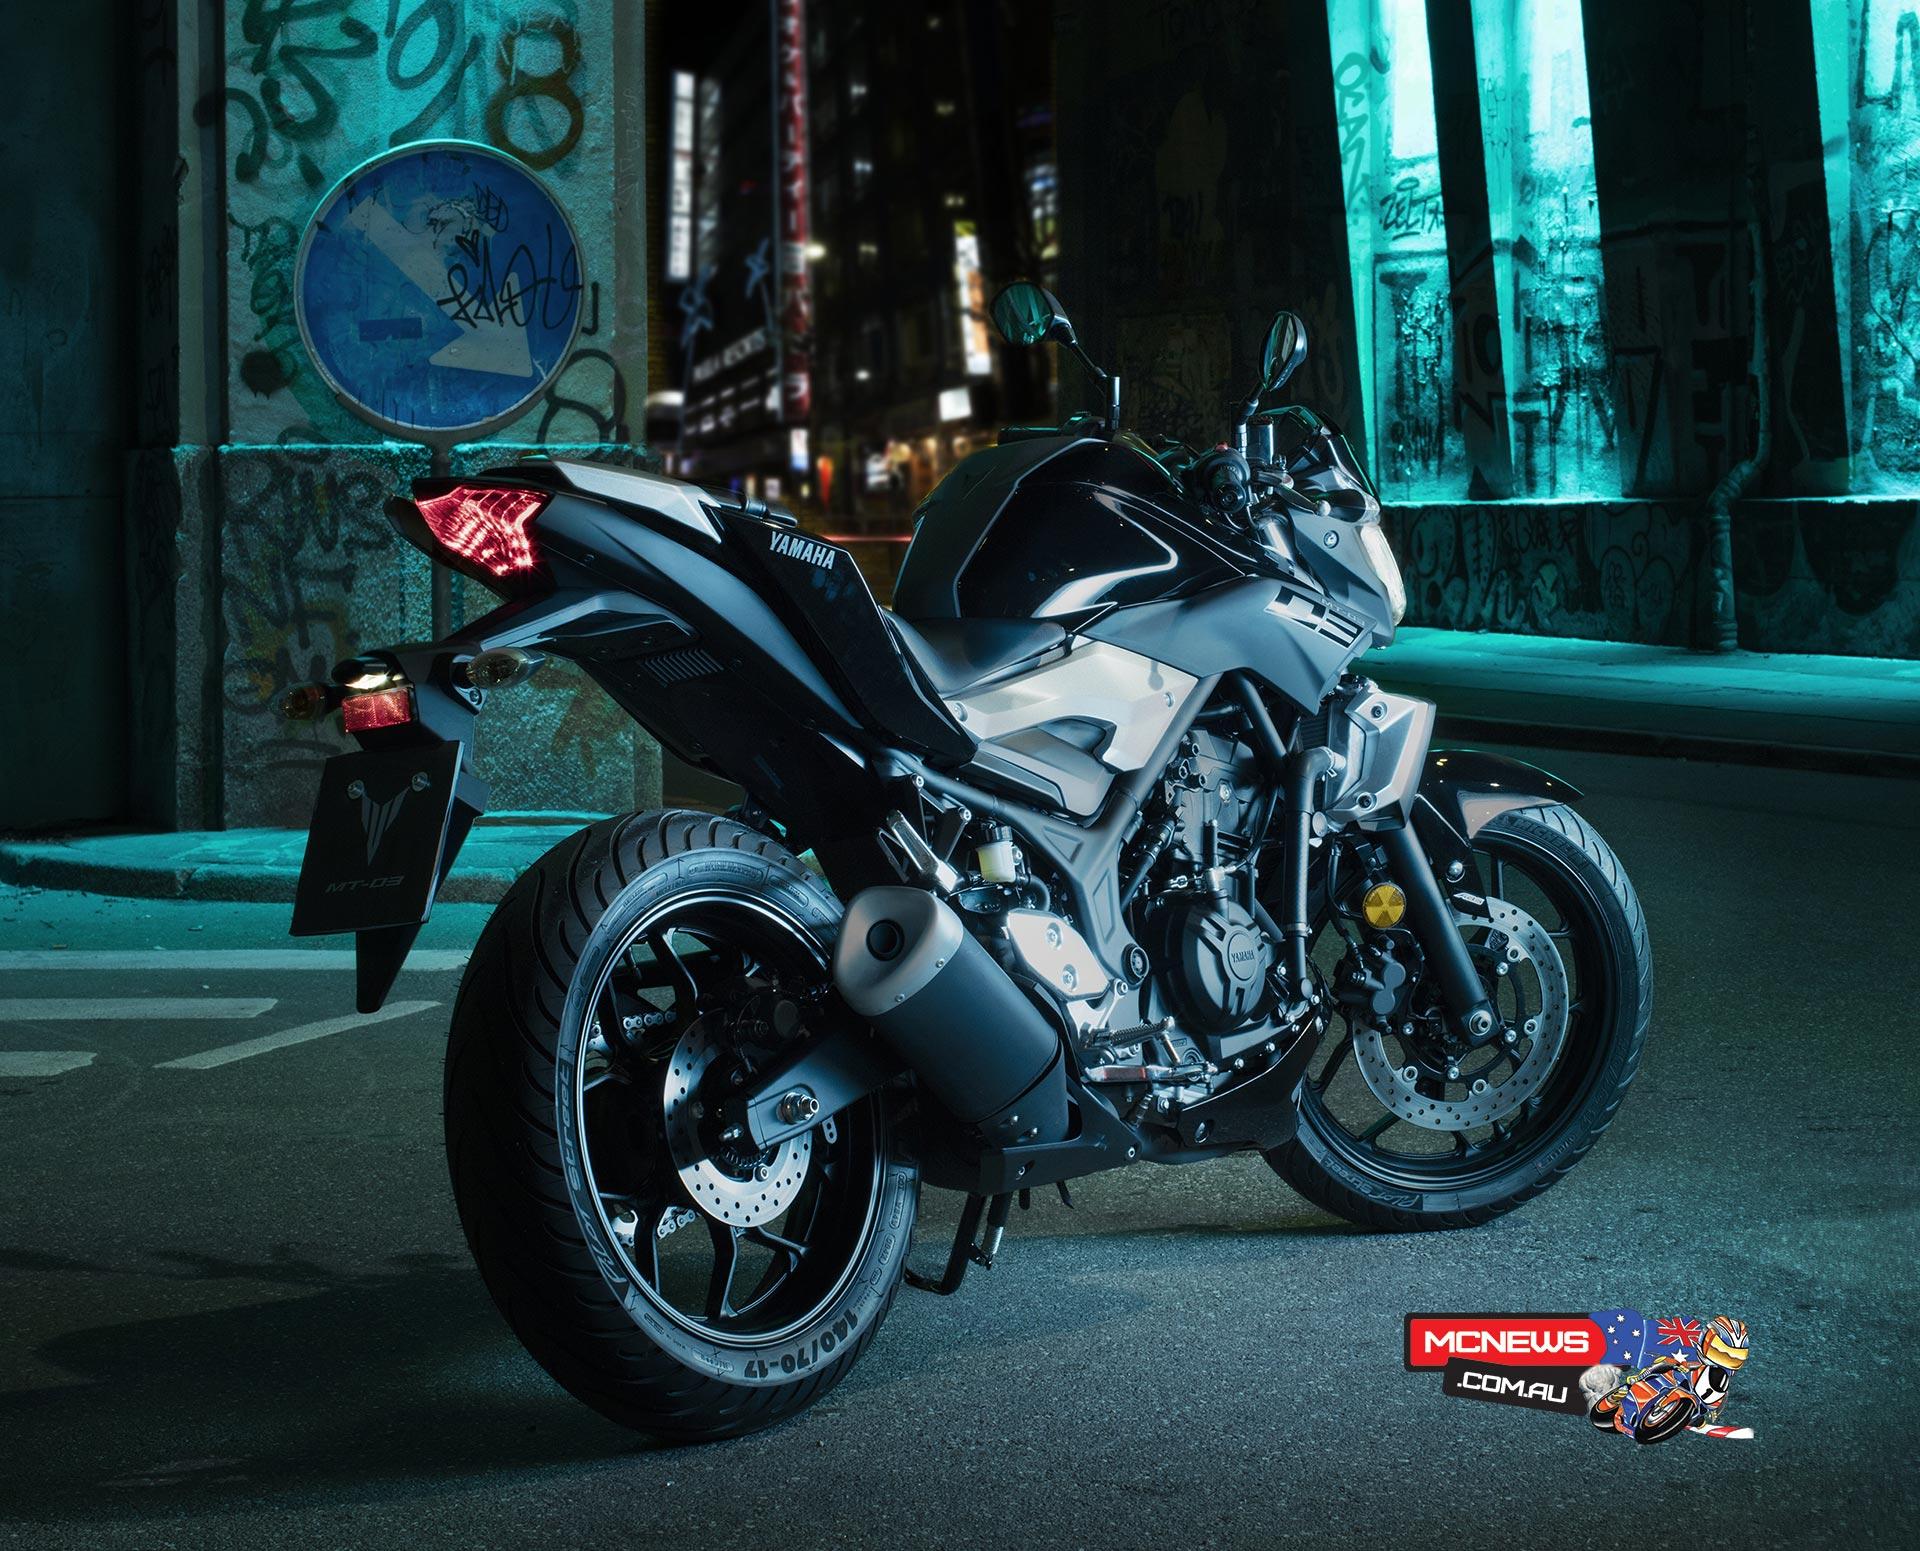 Yamaha Mt 03 The Yzf R3 Gets Naked Mcnews Com Au